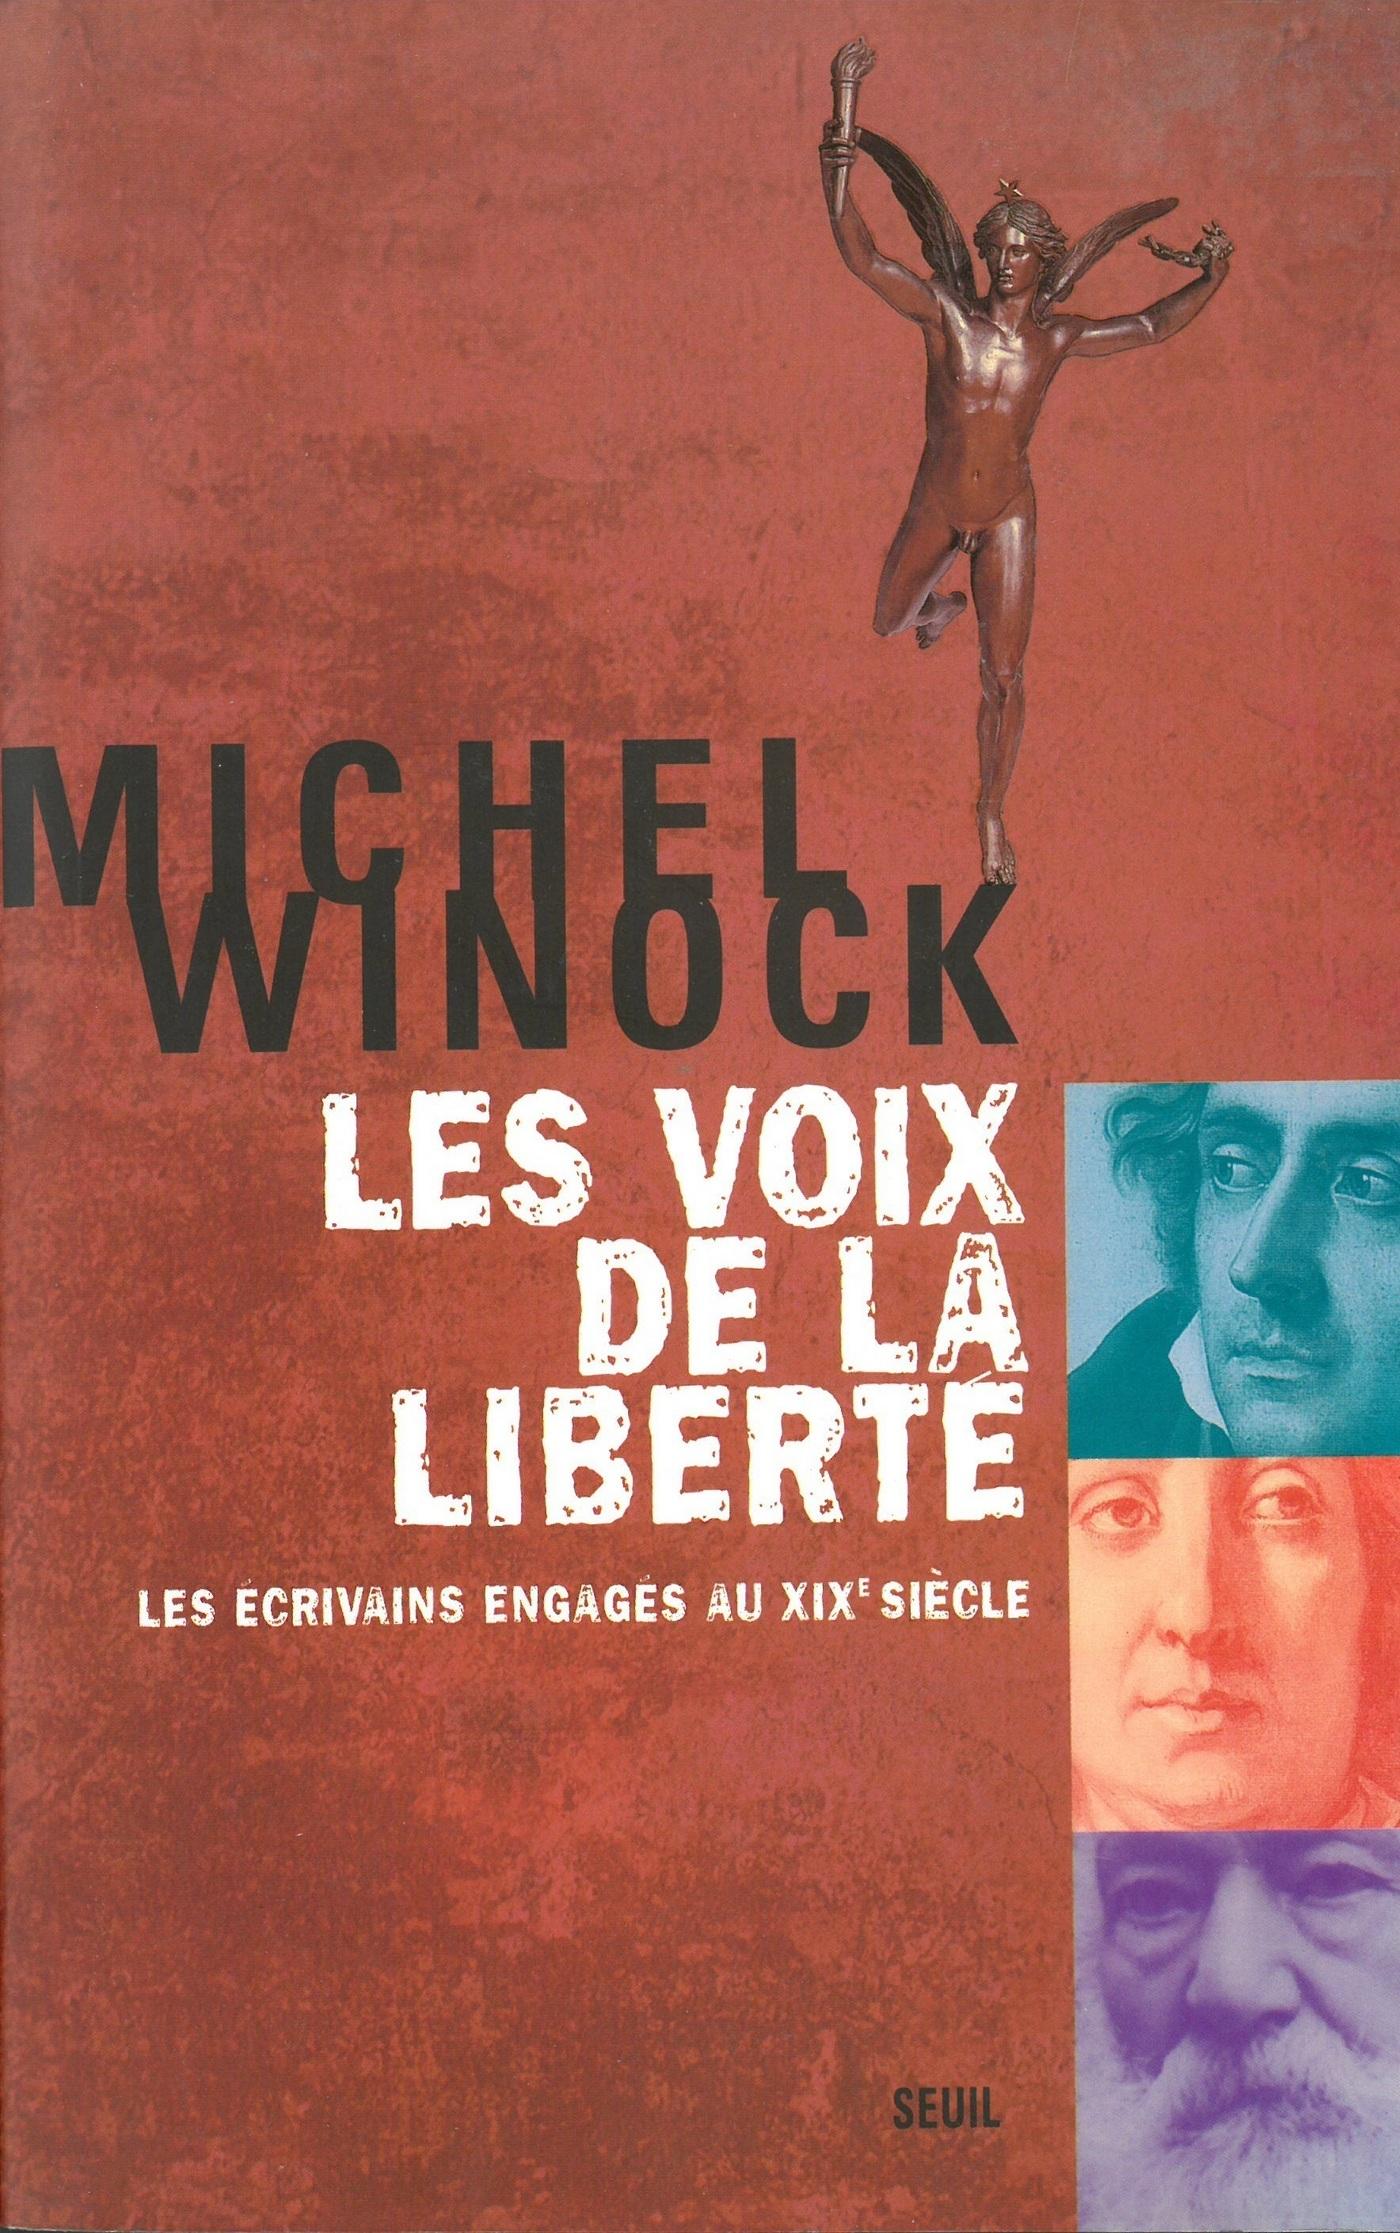 Les Voix de la liberté. Les écrivains engagés au XIXe siècle